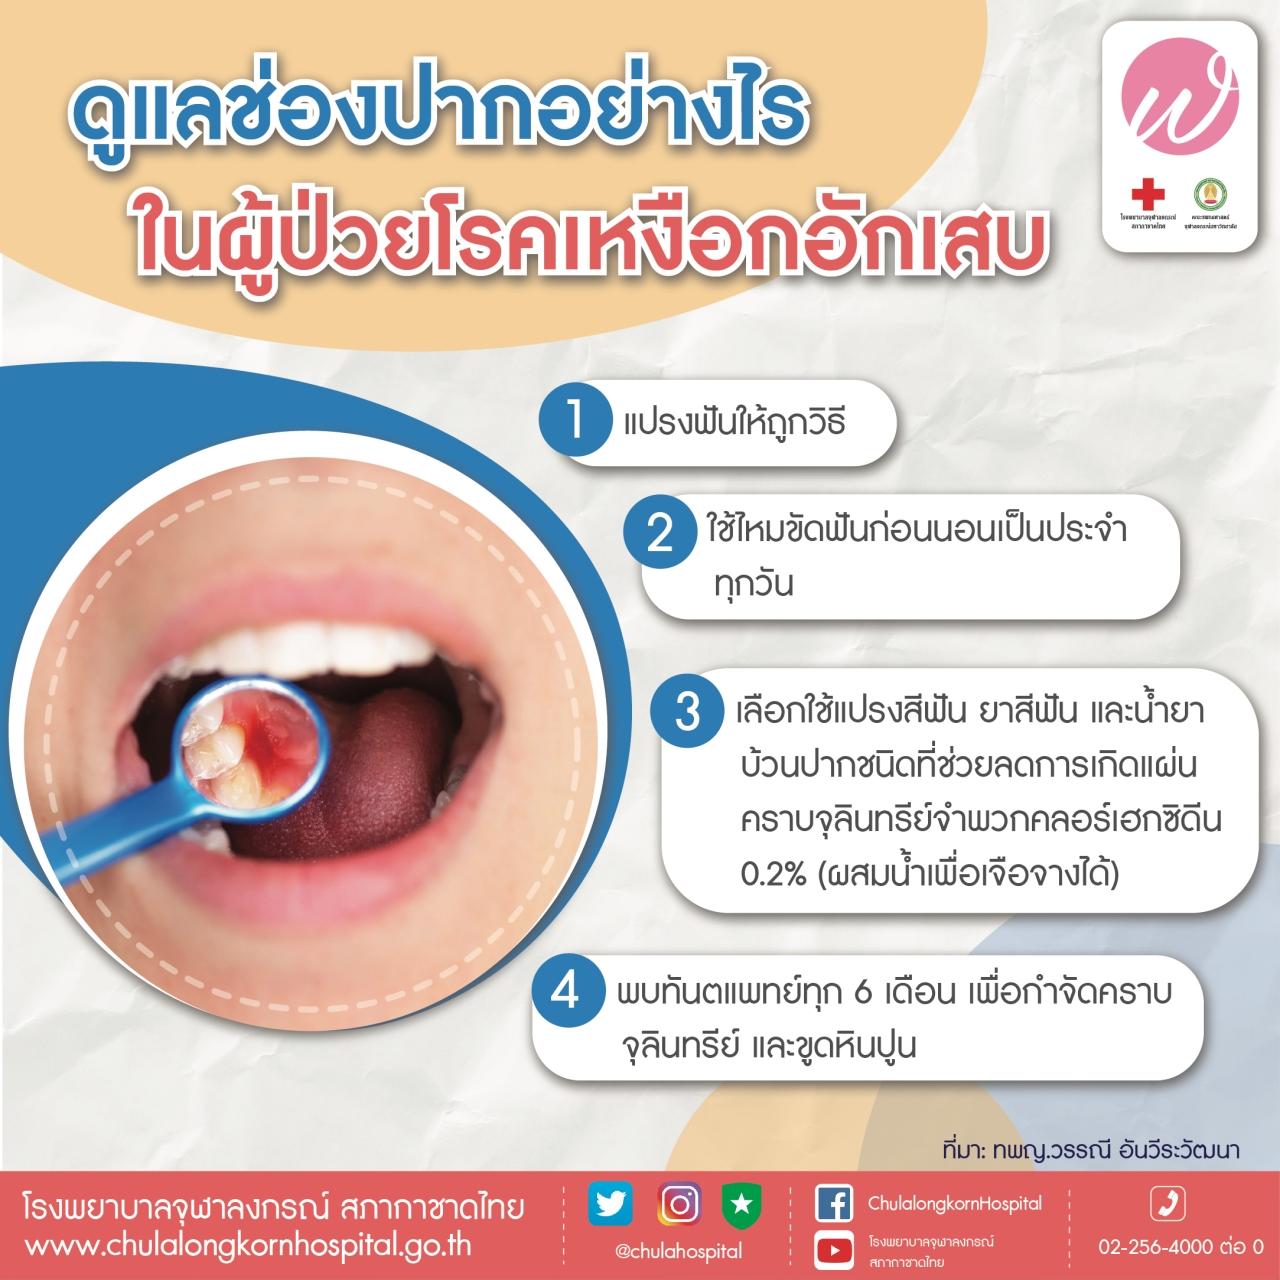 ดูแลช่องปากอย่างไร ในผู้ป่วยโรคเหงืออักเสบ